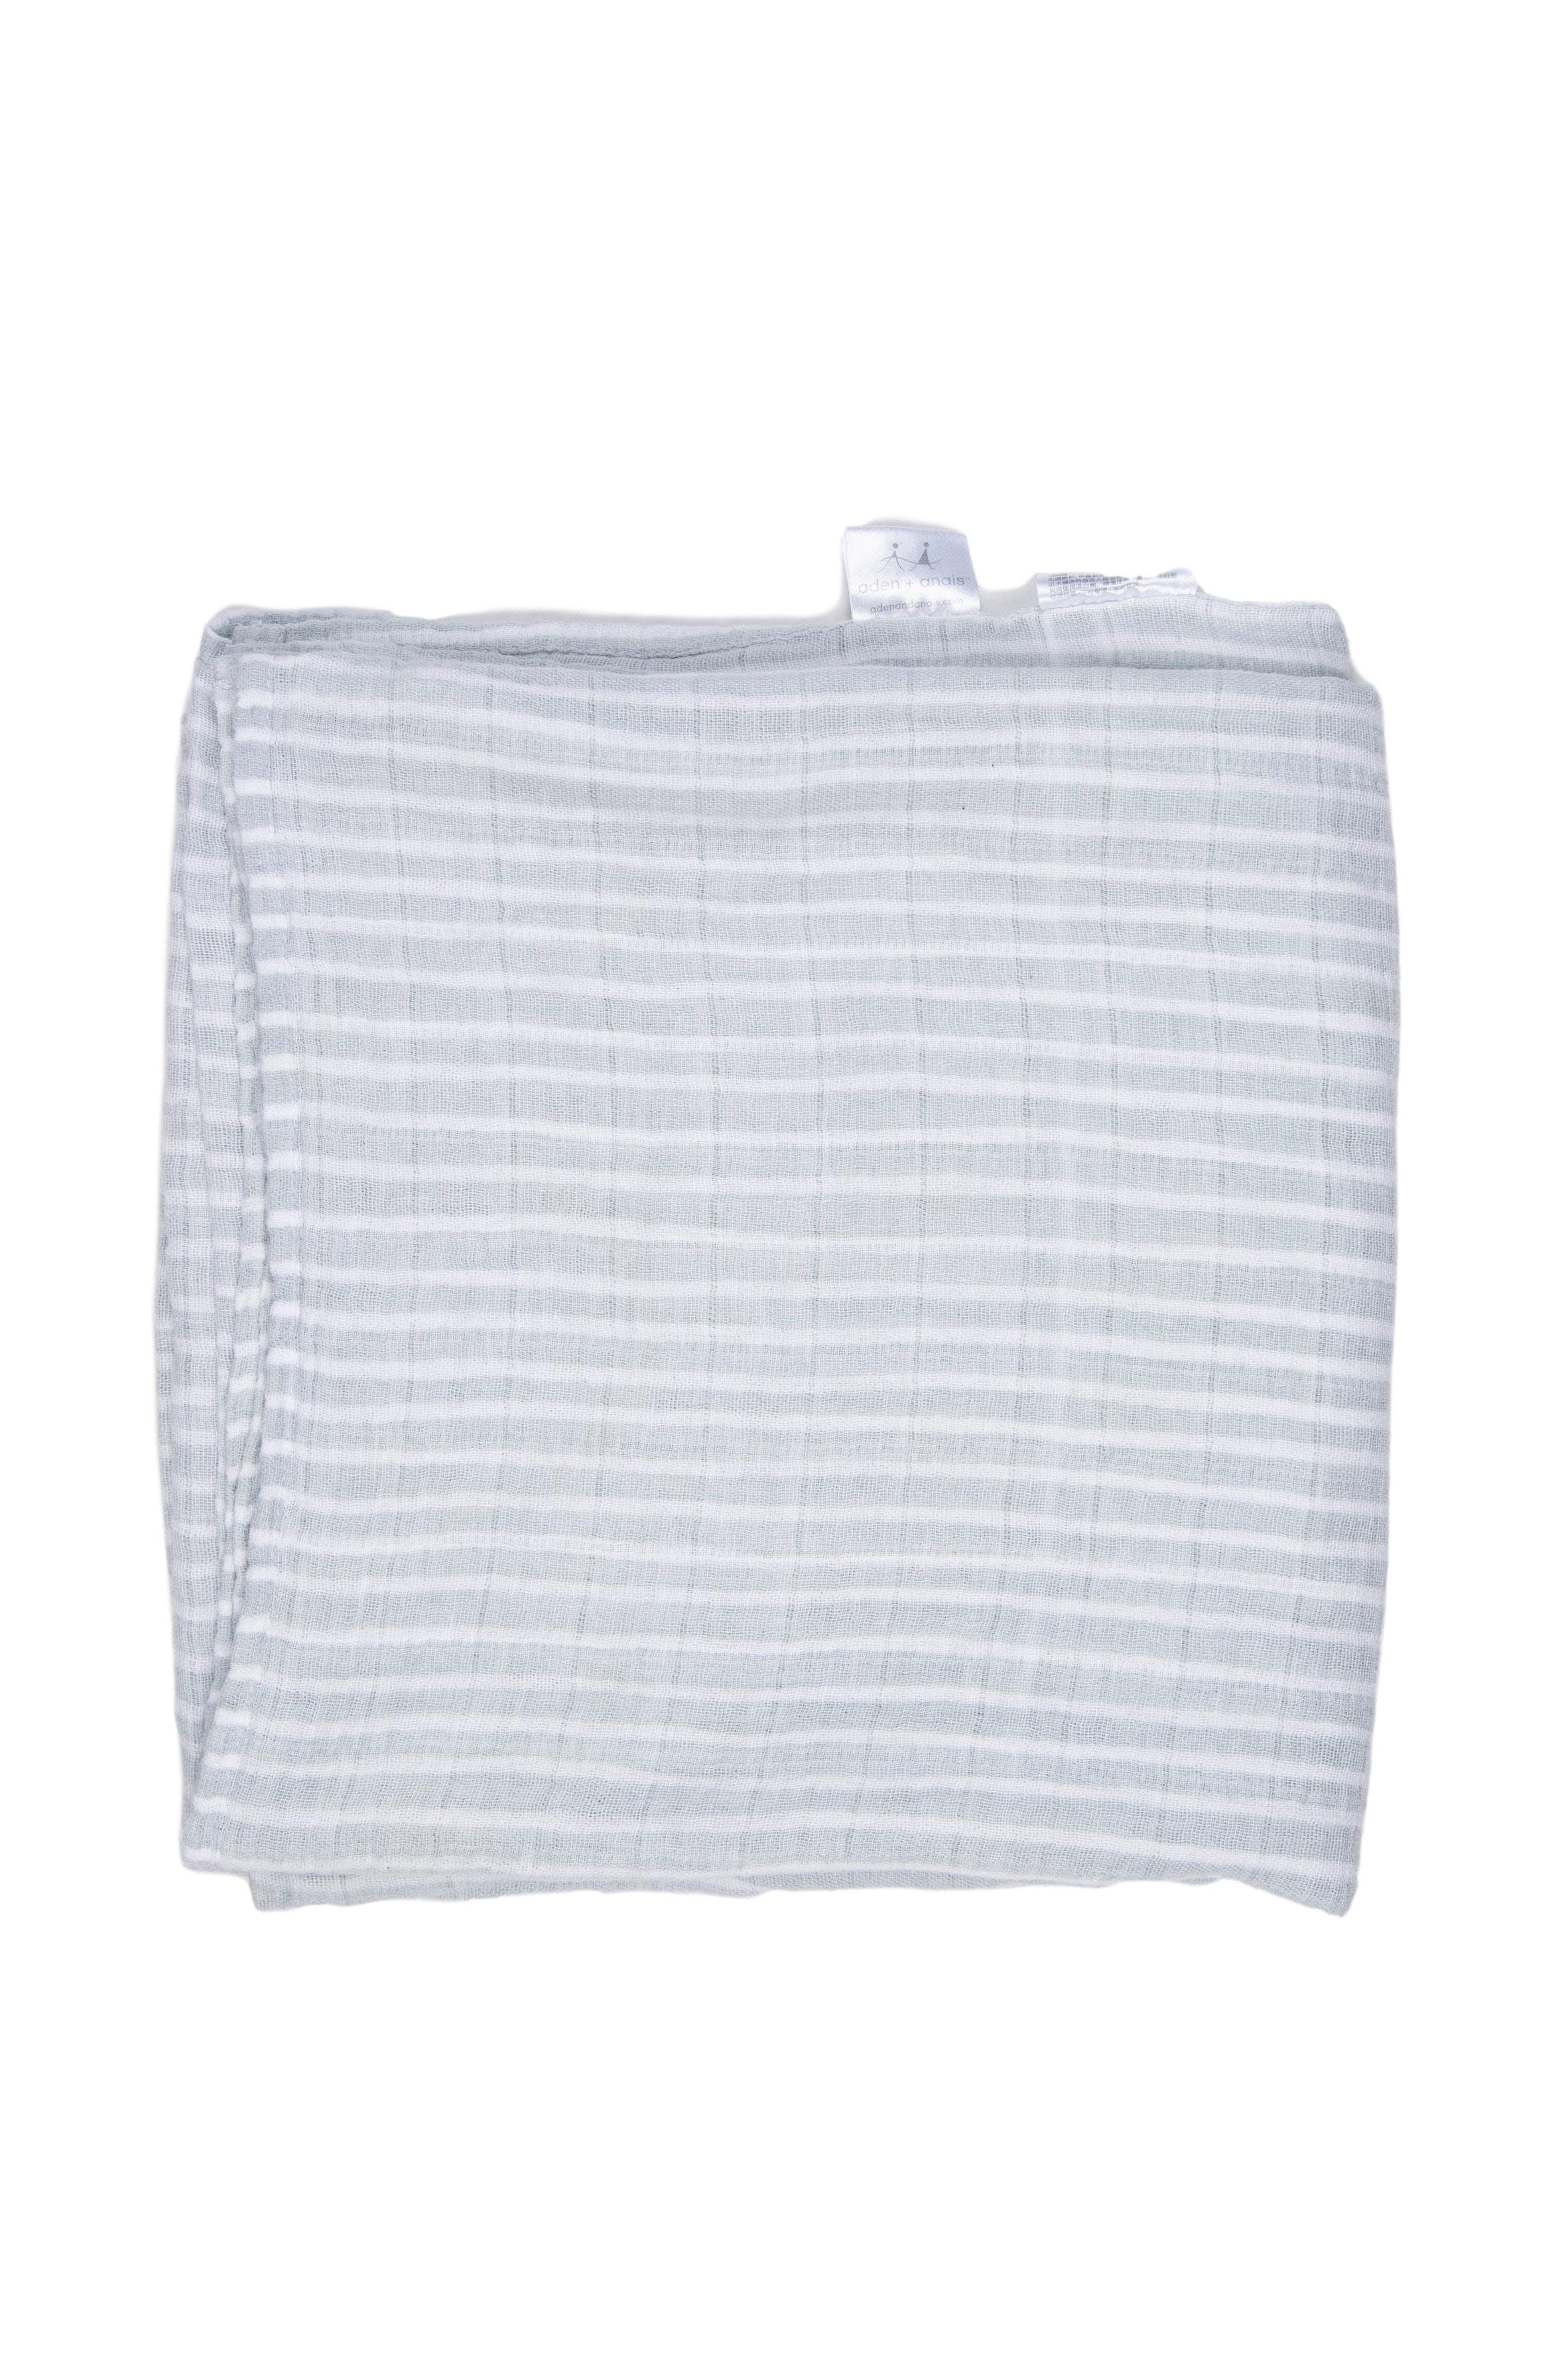 paños de muselina 100% algodón, rayado, tamaño 1.20 x 1.20 (tiene una pequeña mancha en una esquina, no perceptible a simple vista) - Aden+anais